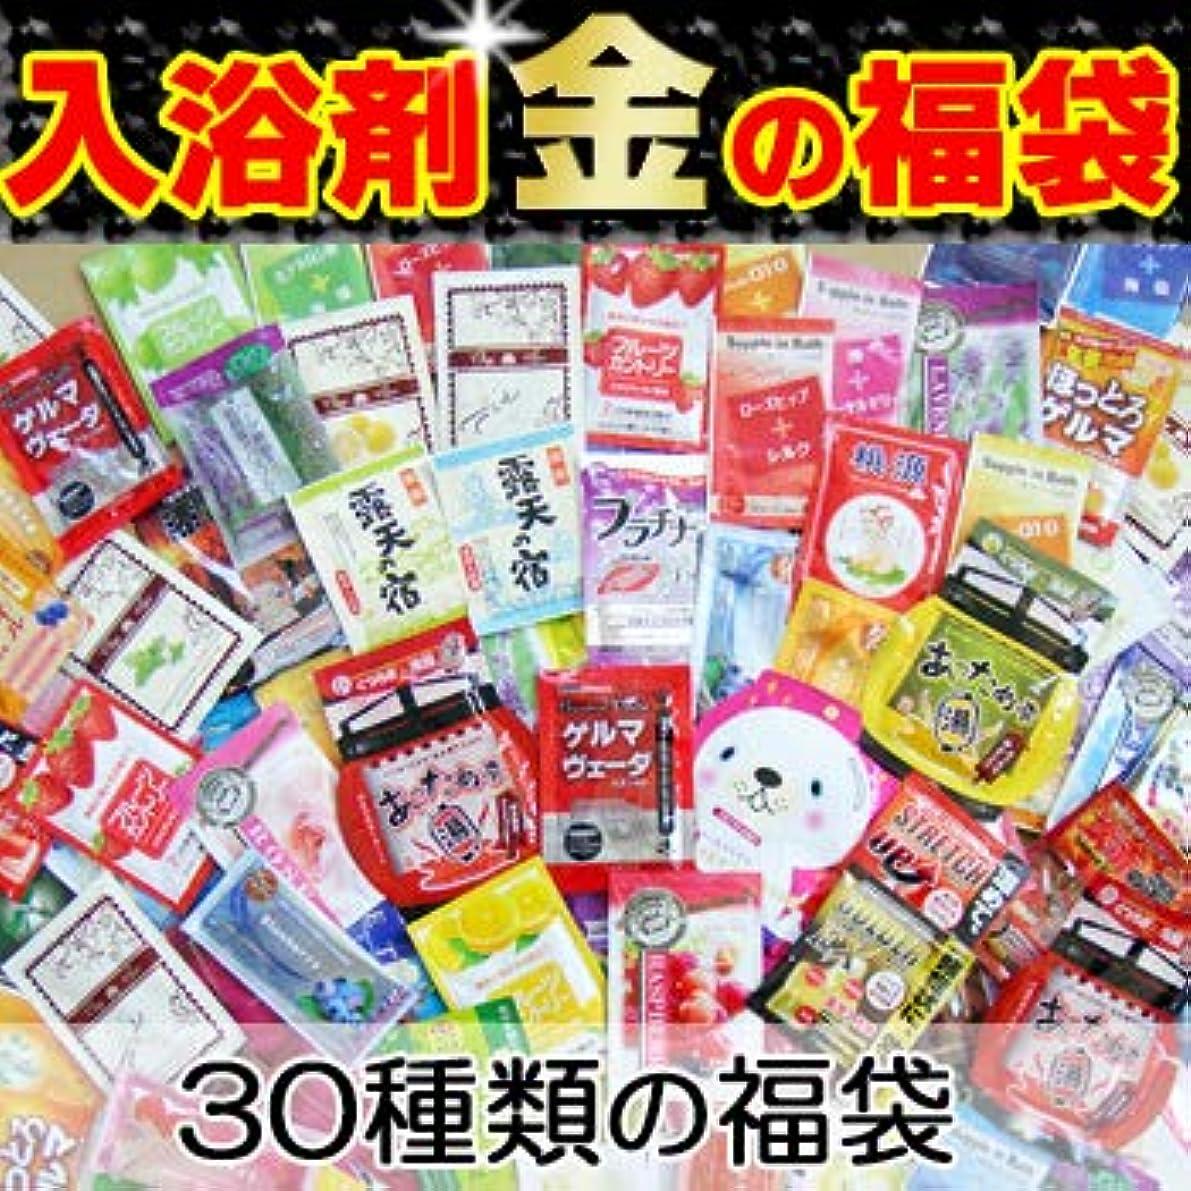 お試し入浴剤 金の福袋30種類!30日分 入浴剤福袋 安心の日本製!